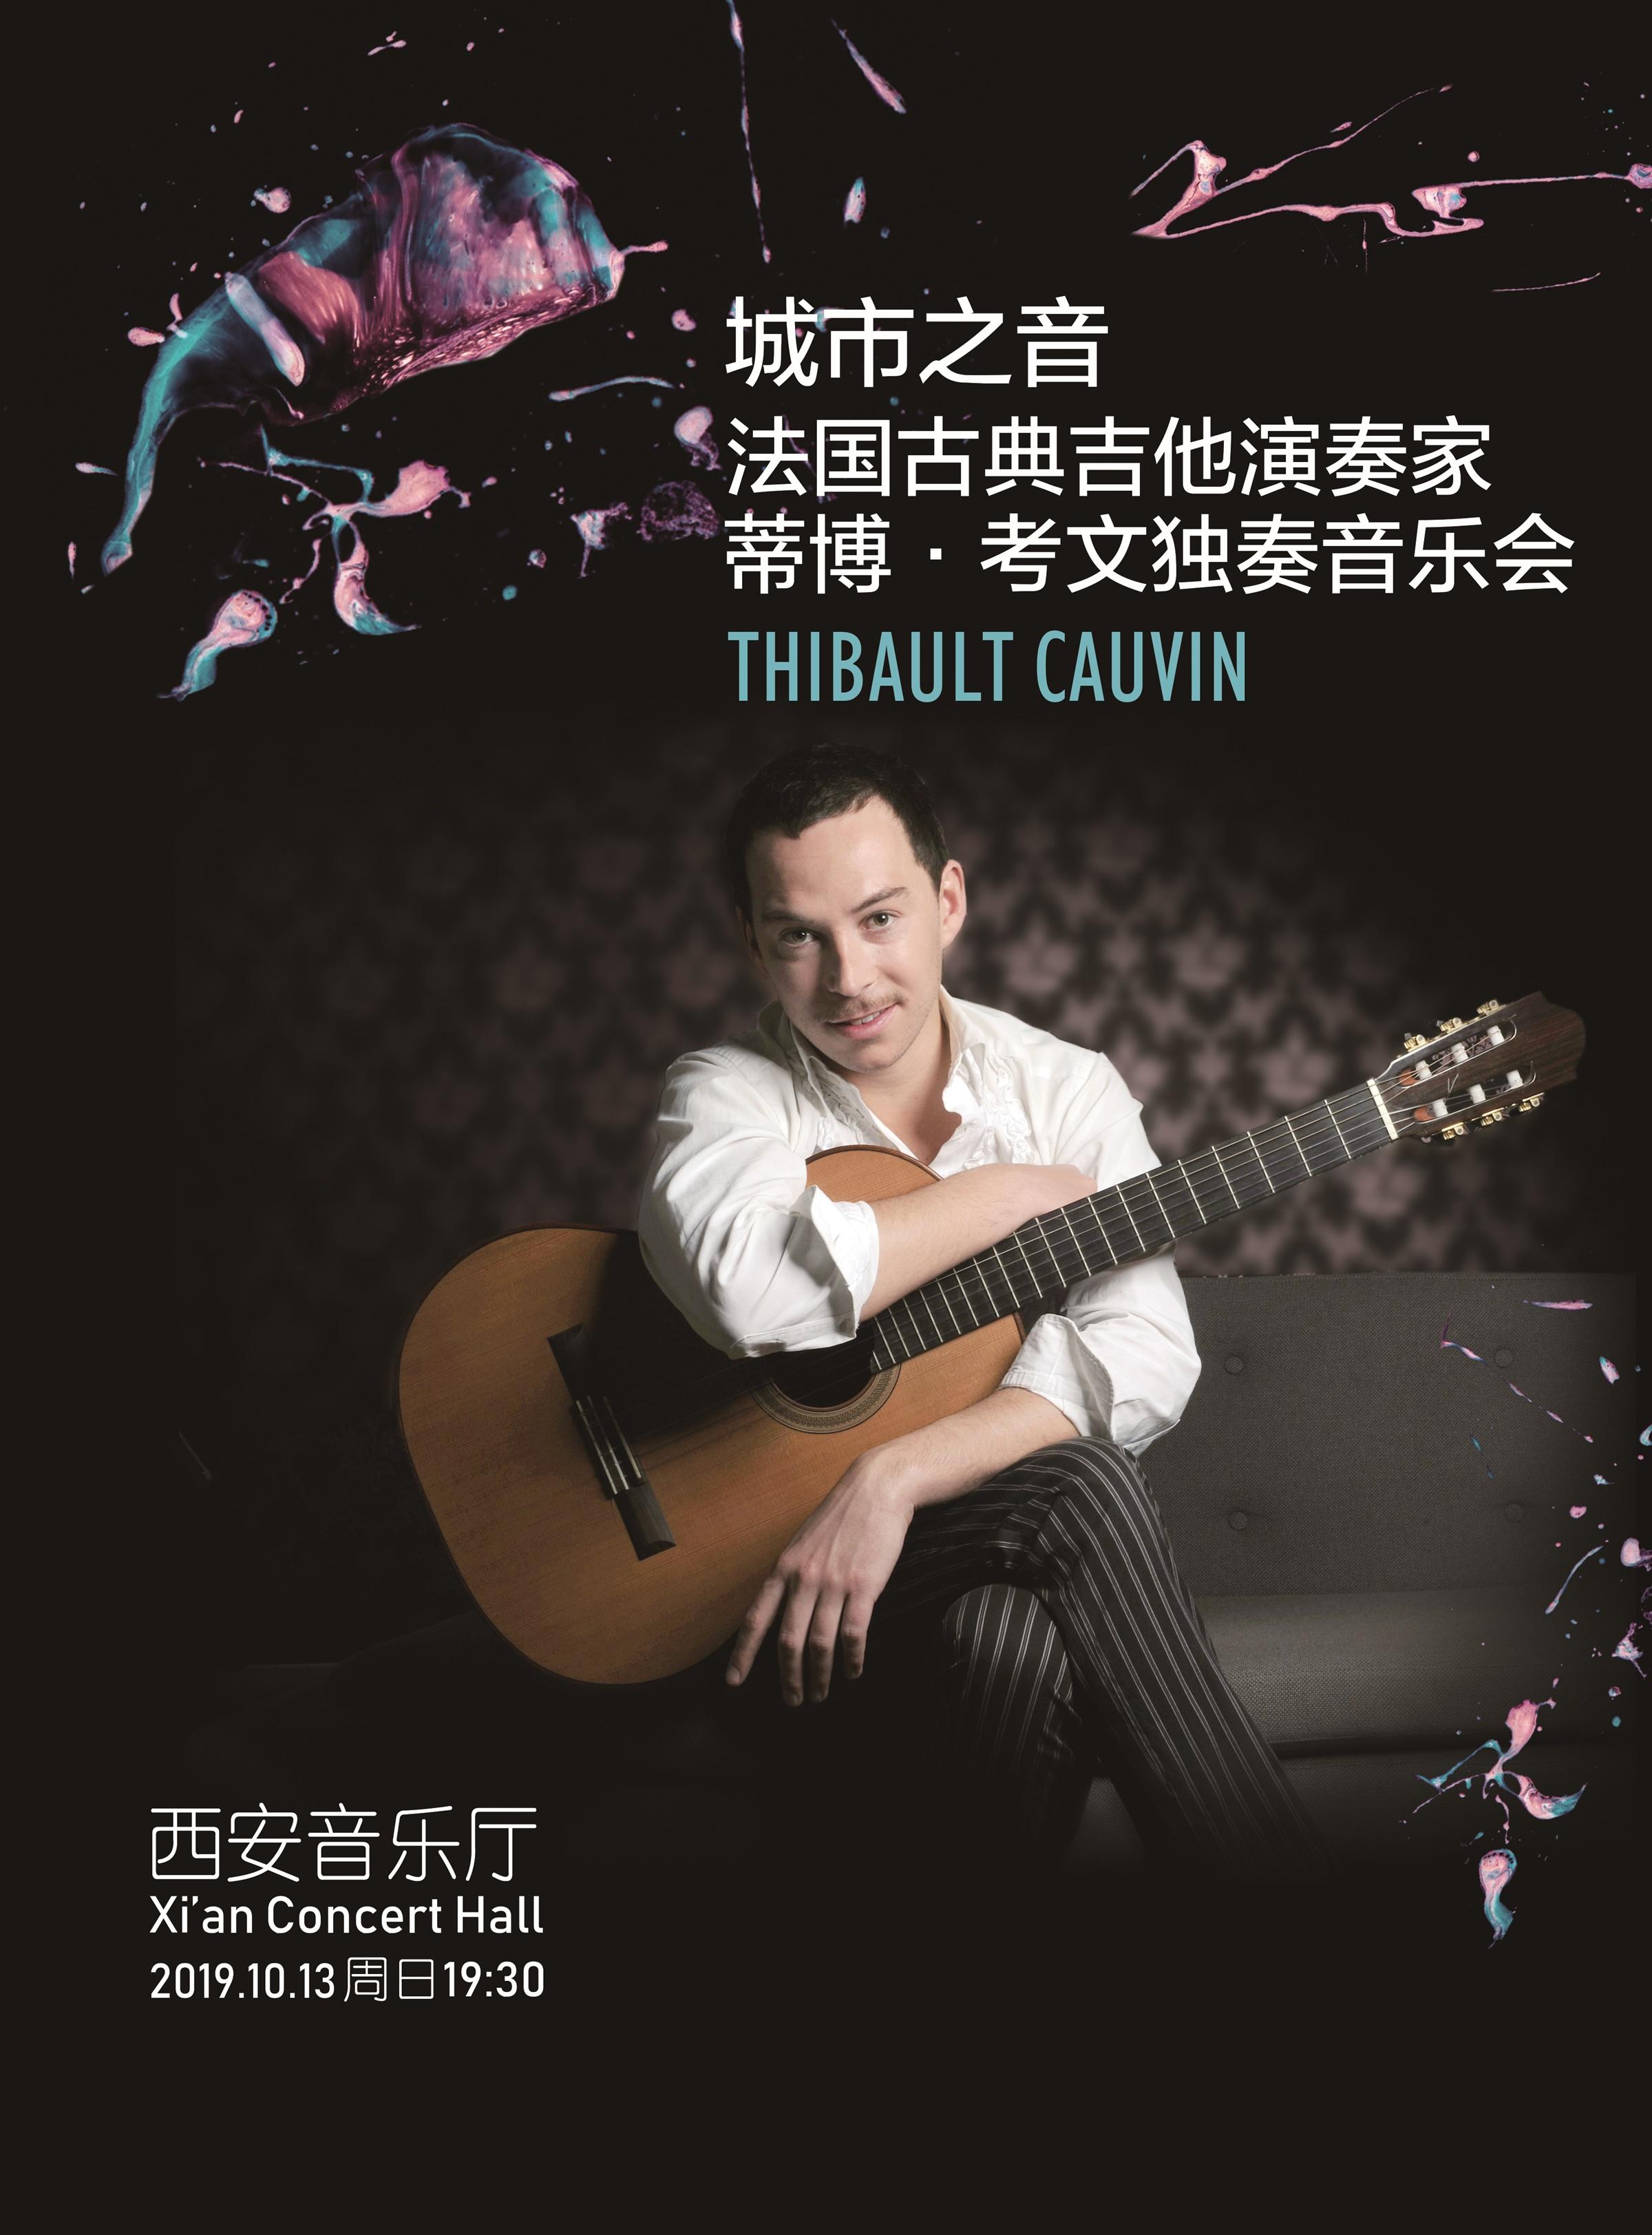 城市之音法國古典吉他演奏家蒂博·考文獨奏音樂會